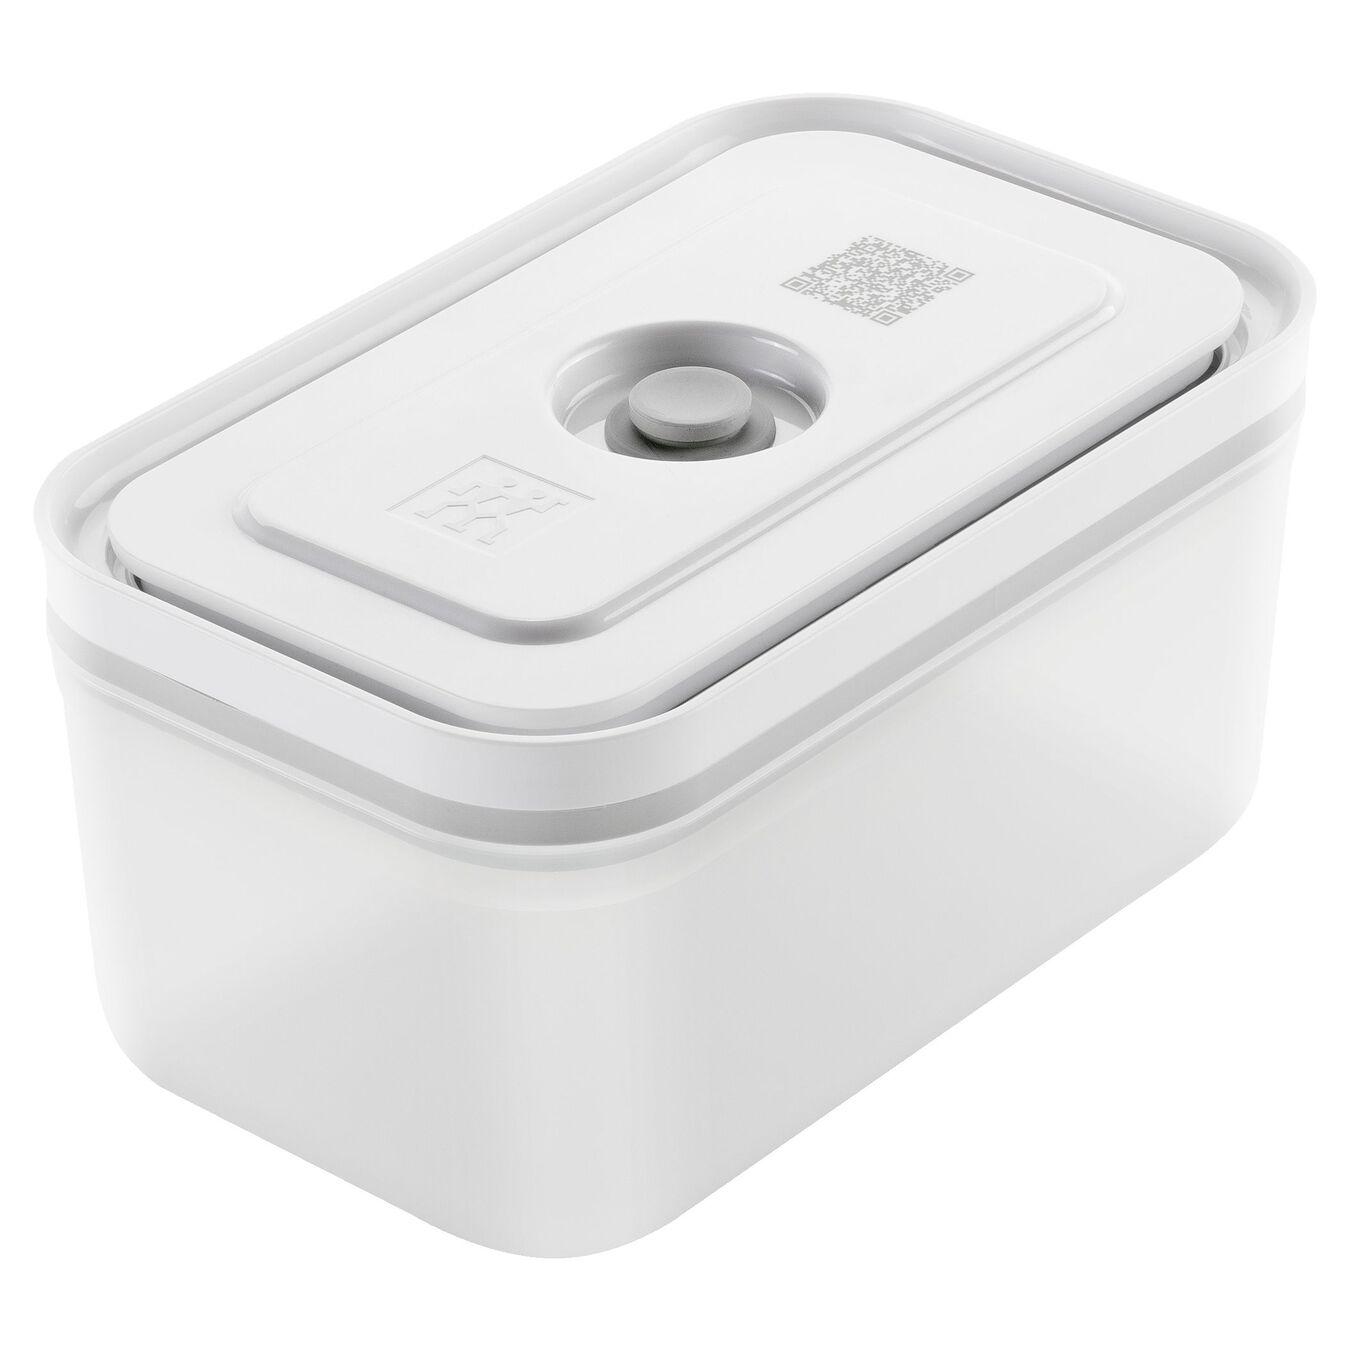 Vacuum Container, medium, Plastic, White,,large 1